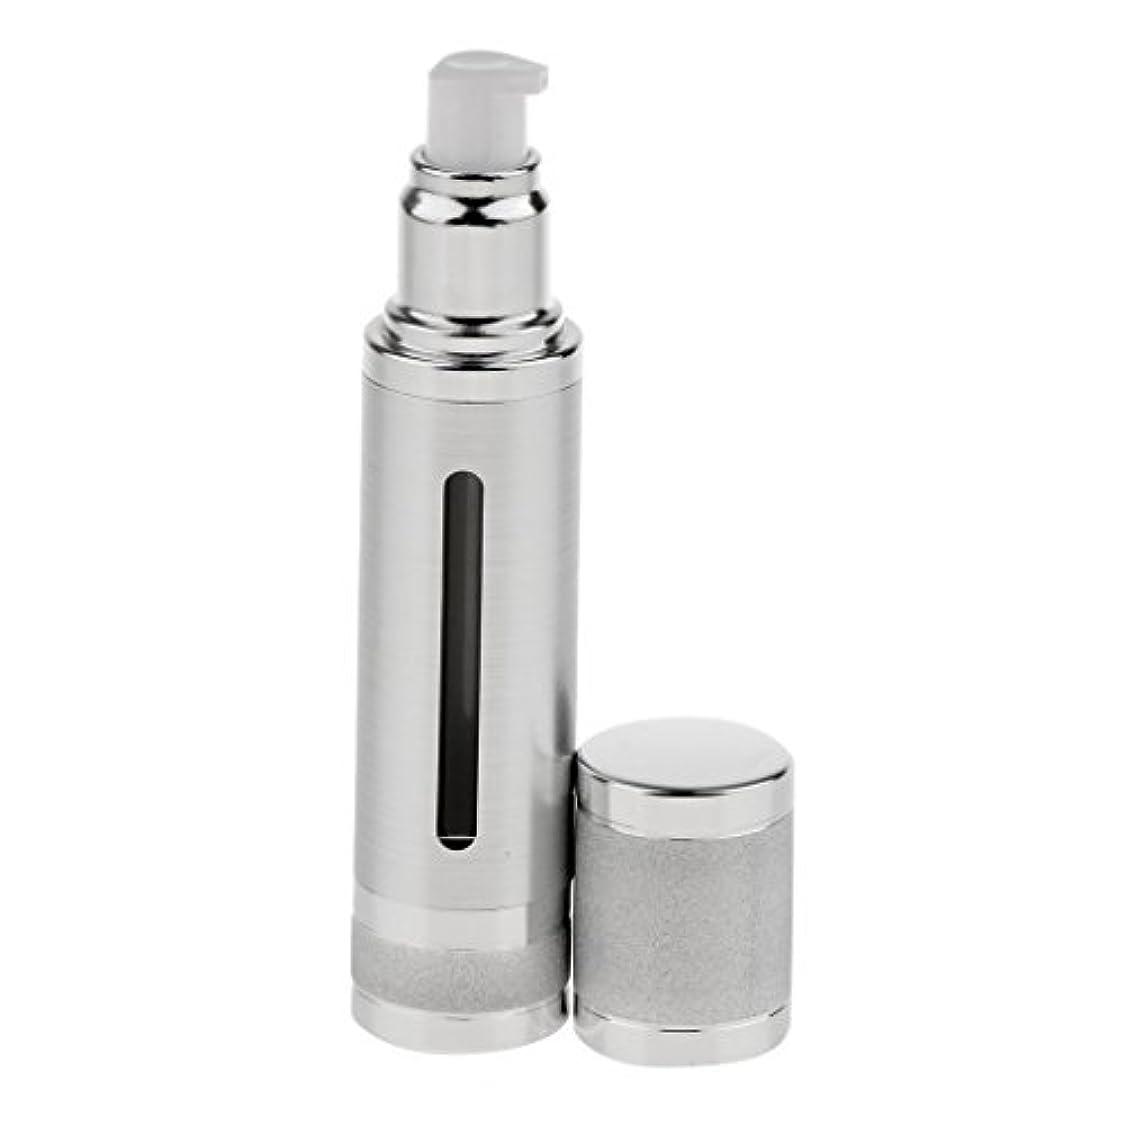 救援チェスをする特権エアレスボトル 50ml エアレス ポンプボトル ローション クリーム 化粧品 詰め替え可 容器 2色選べる - 銀